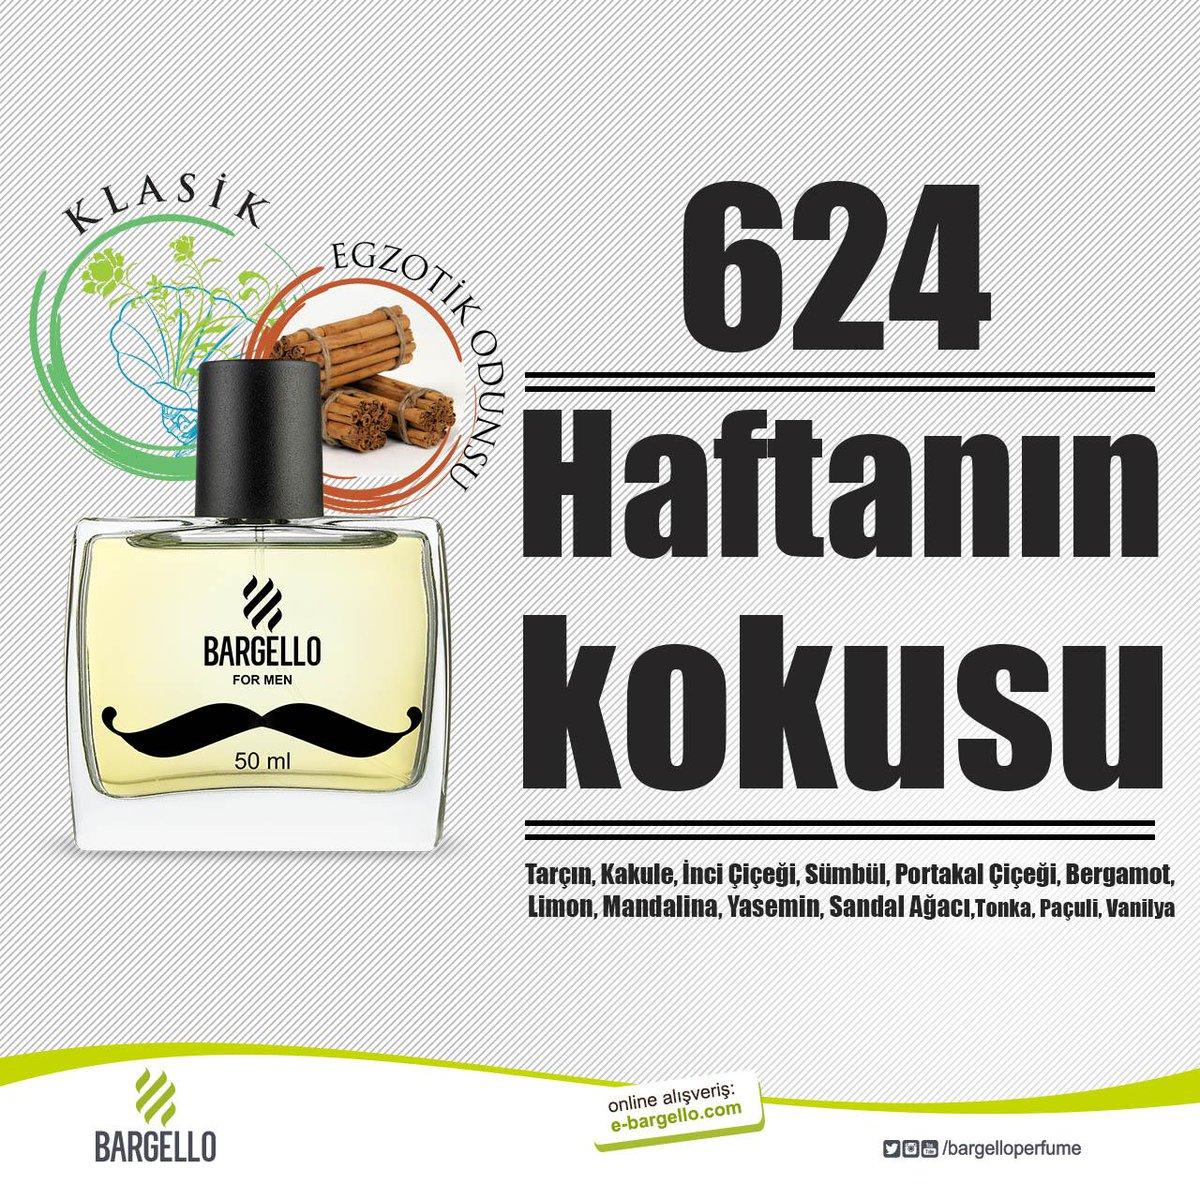 Bargello Perfume On Twitter Bu Hafta Parfüm önerimiz 624 Peki